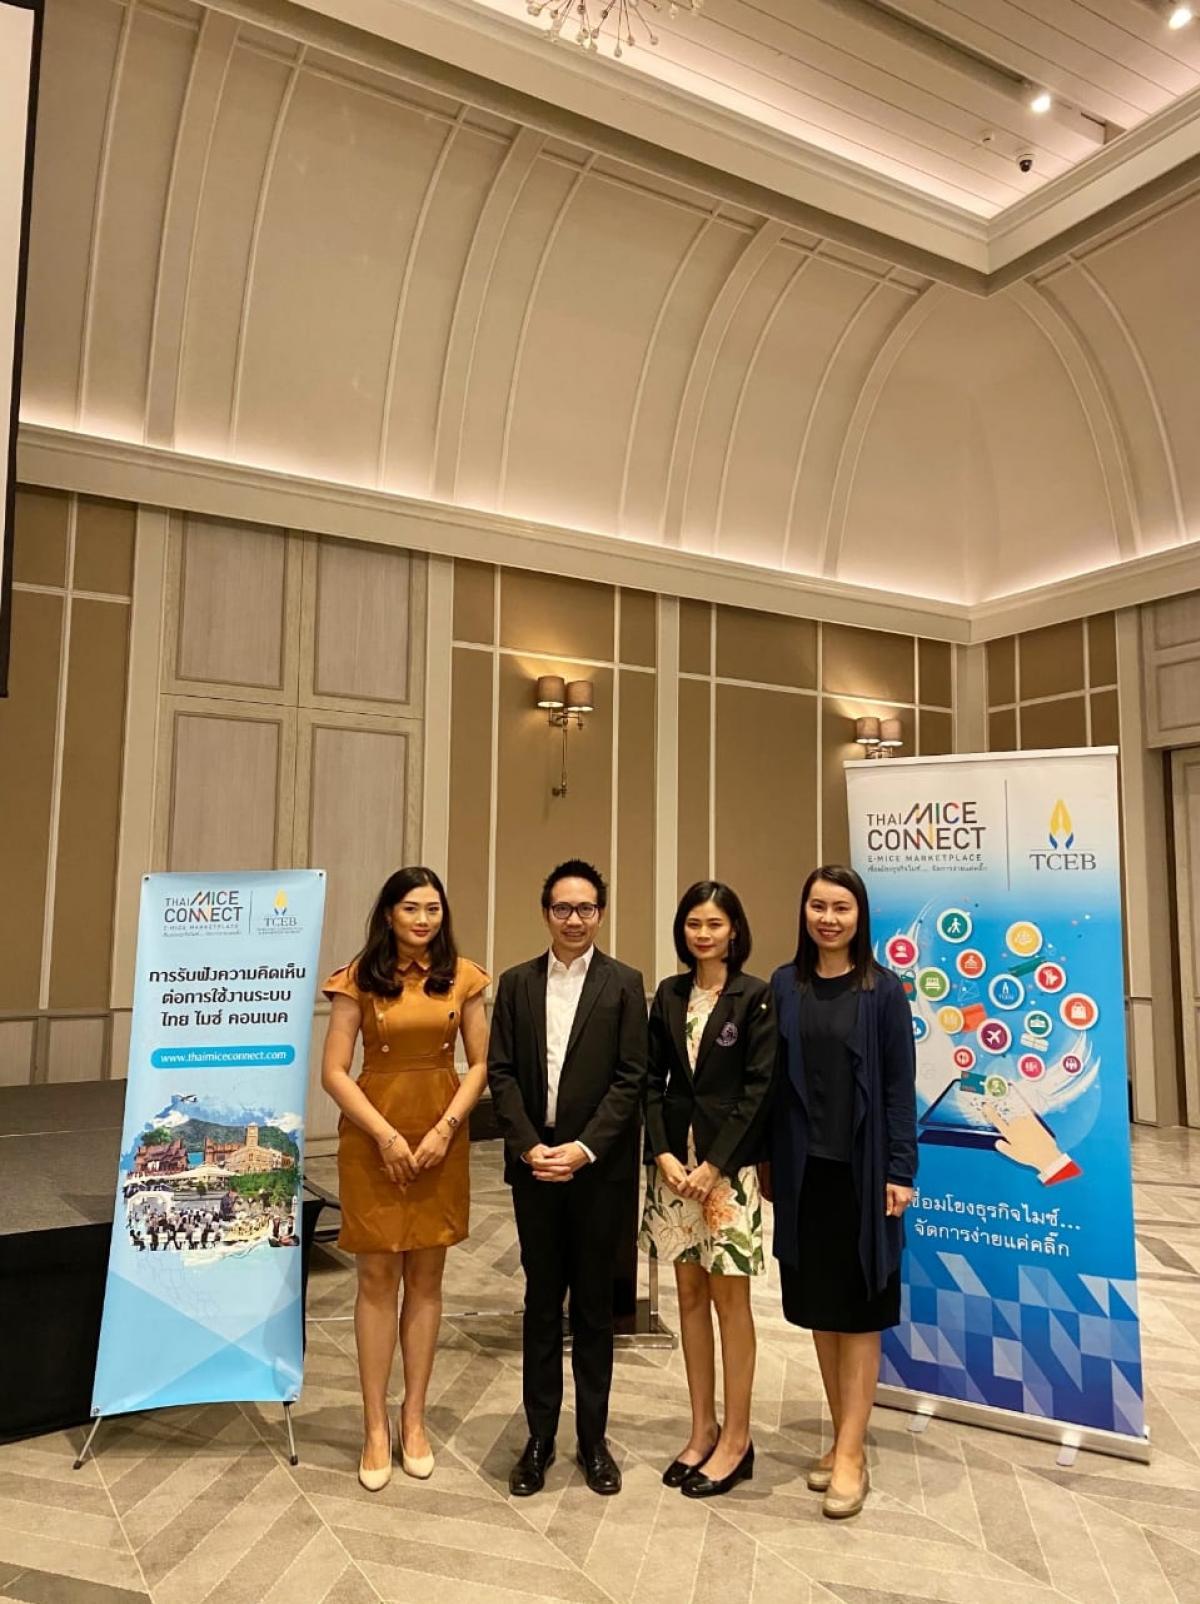 ร่วมงาน THAI MICE CONNECT โครงการจัดเก็บข้อมูลอุตสาหกรรมไมซ์ และมาตรฐานกระตุ้นเศรษฐกิจภายใต้โครงการประชุมเมืองไทย